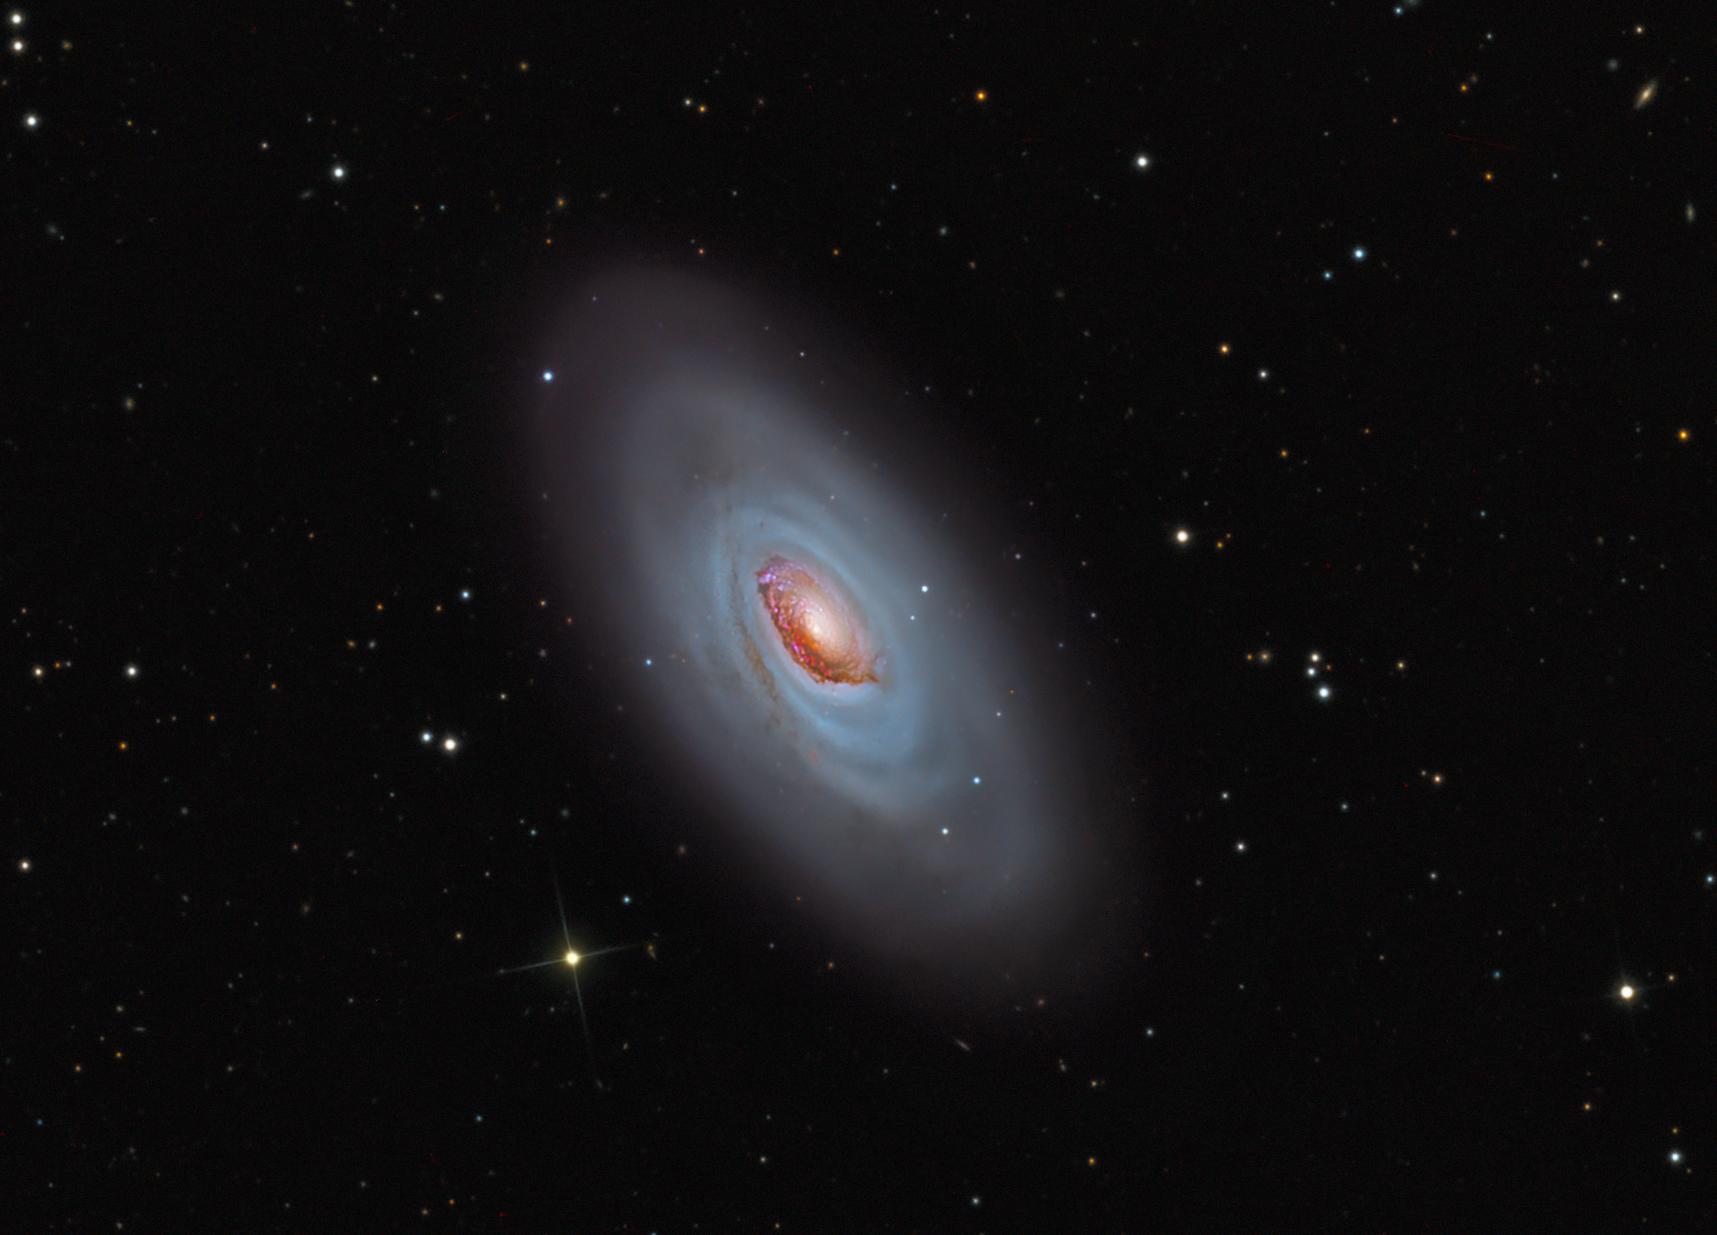 Apod 2013 April 4 M64 The Black Eye Galaxy